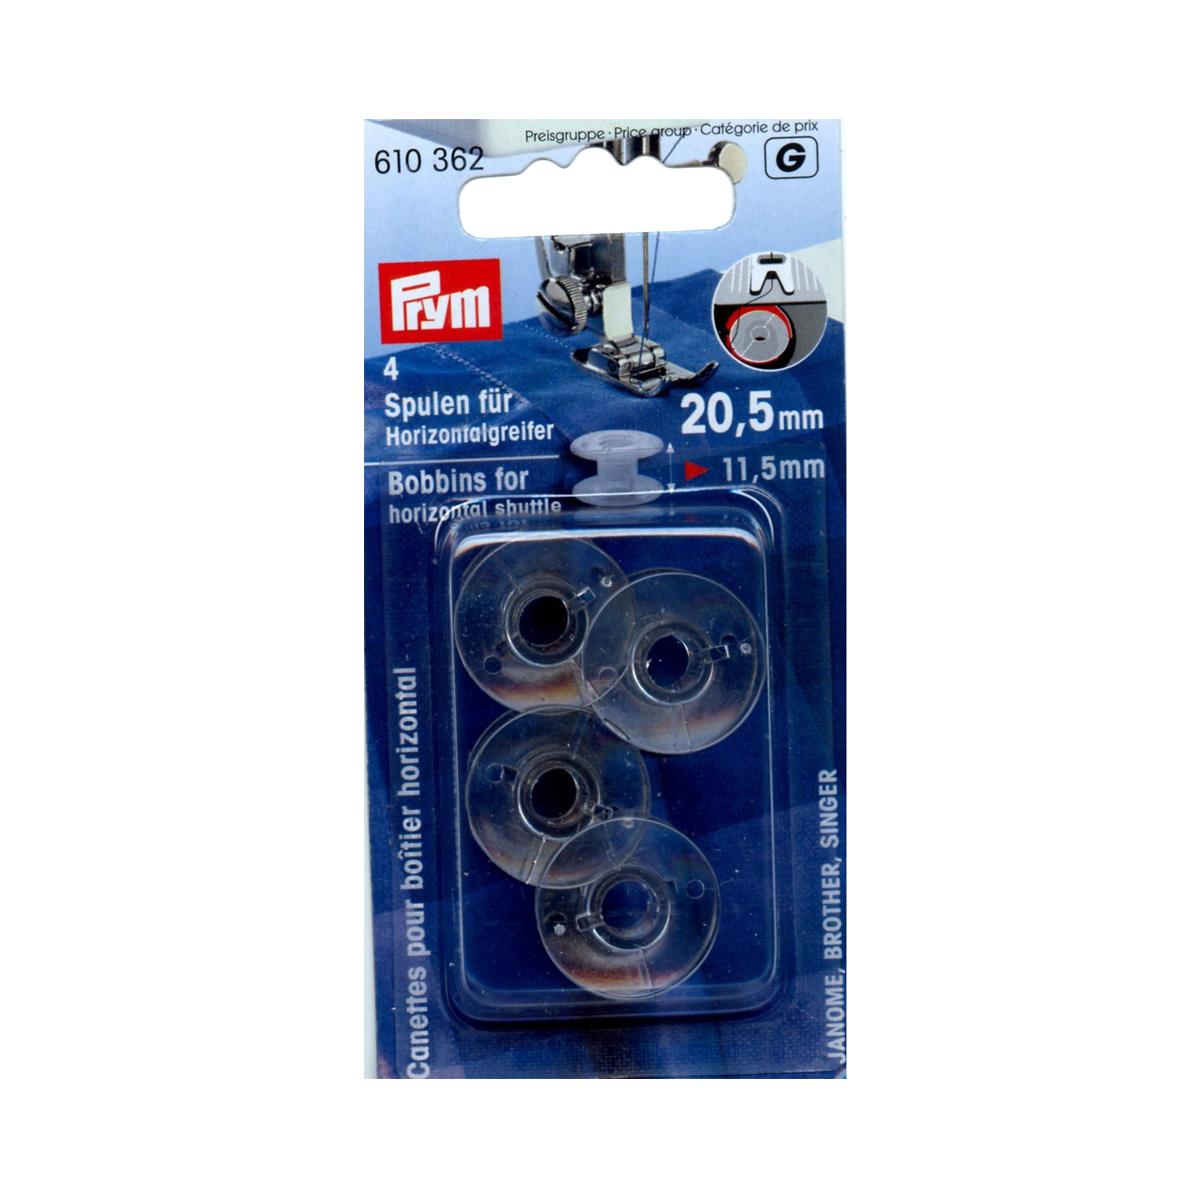 610362 Шпульки Prym для горизонтально вращающегося челнока, пластик, 20,5 мм х 11,5 мм695297